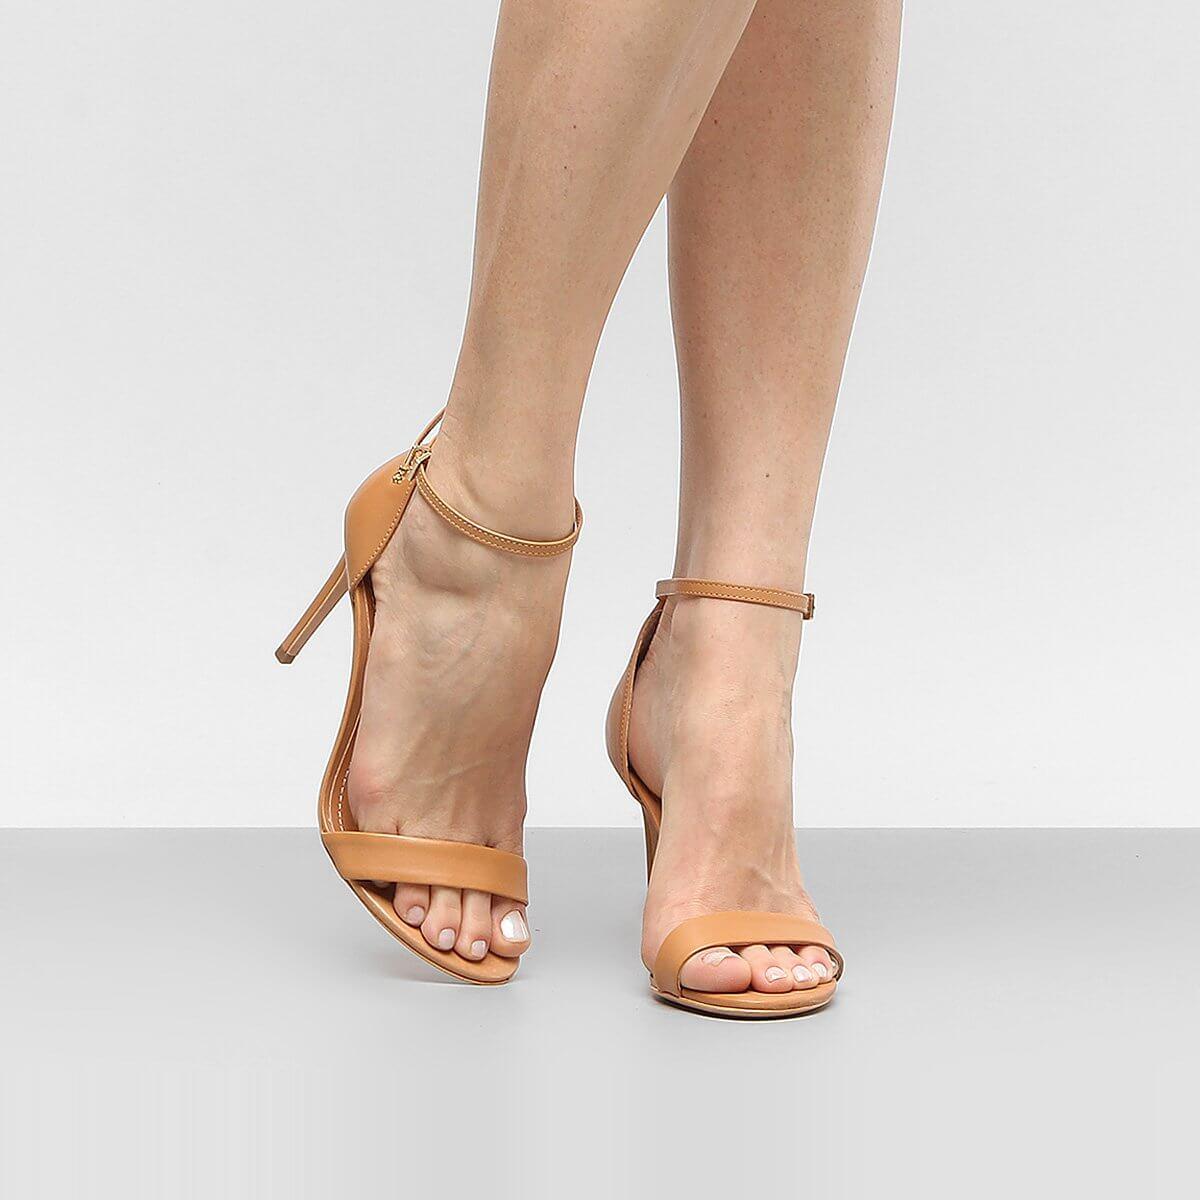 Sandália tornozeleira